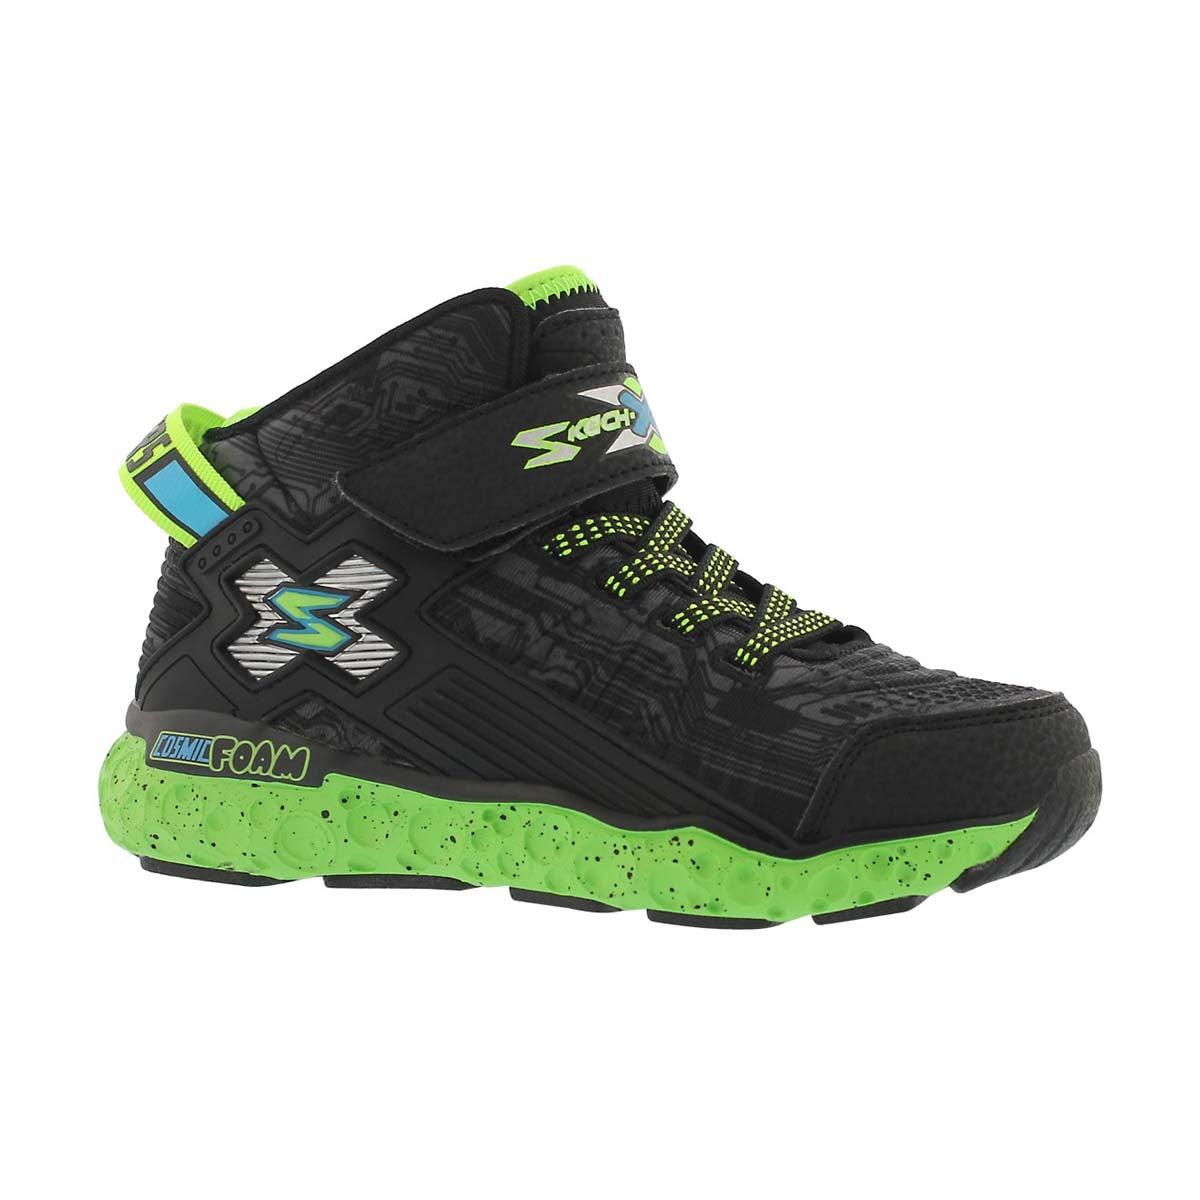 Boys' COSMIC FOAM black/lime sneakers